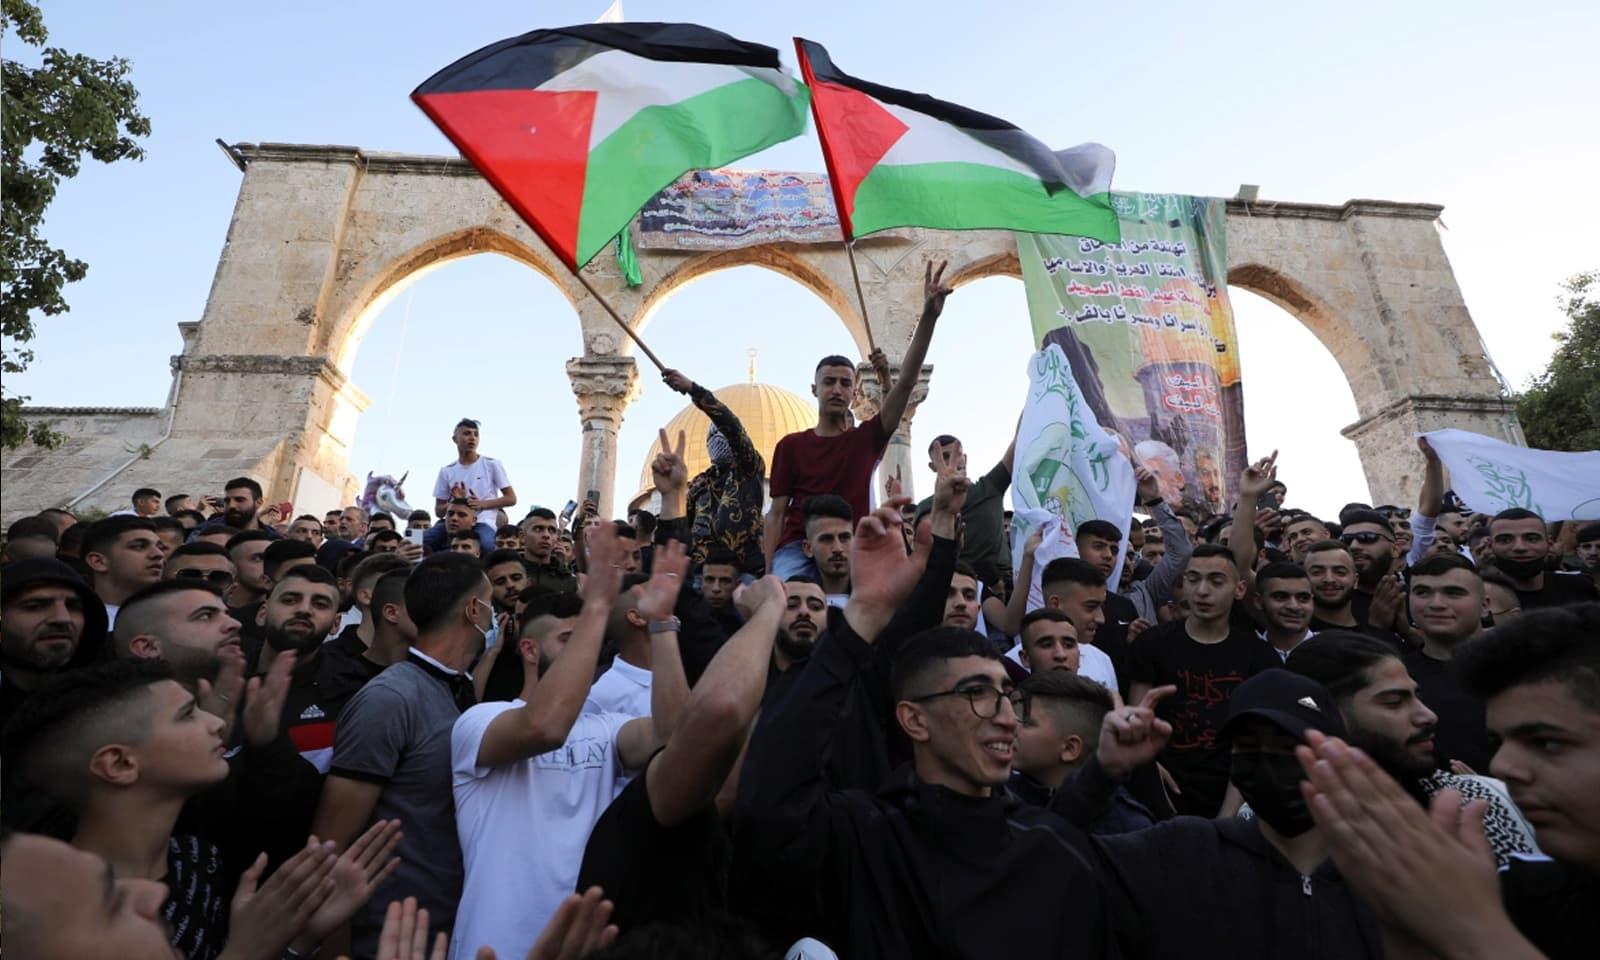 عیدالفطر کے موقع پر مسجدالاقصیٰ میں فلسطین کا پرچم لہرایا جارہا ہے —فوٹو: رائٹرز